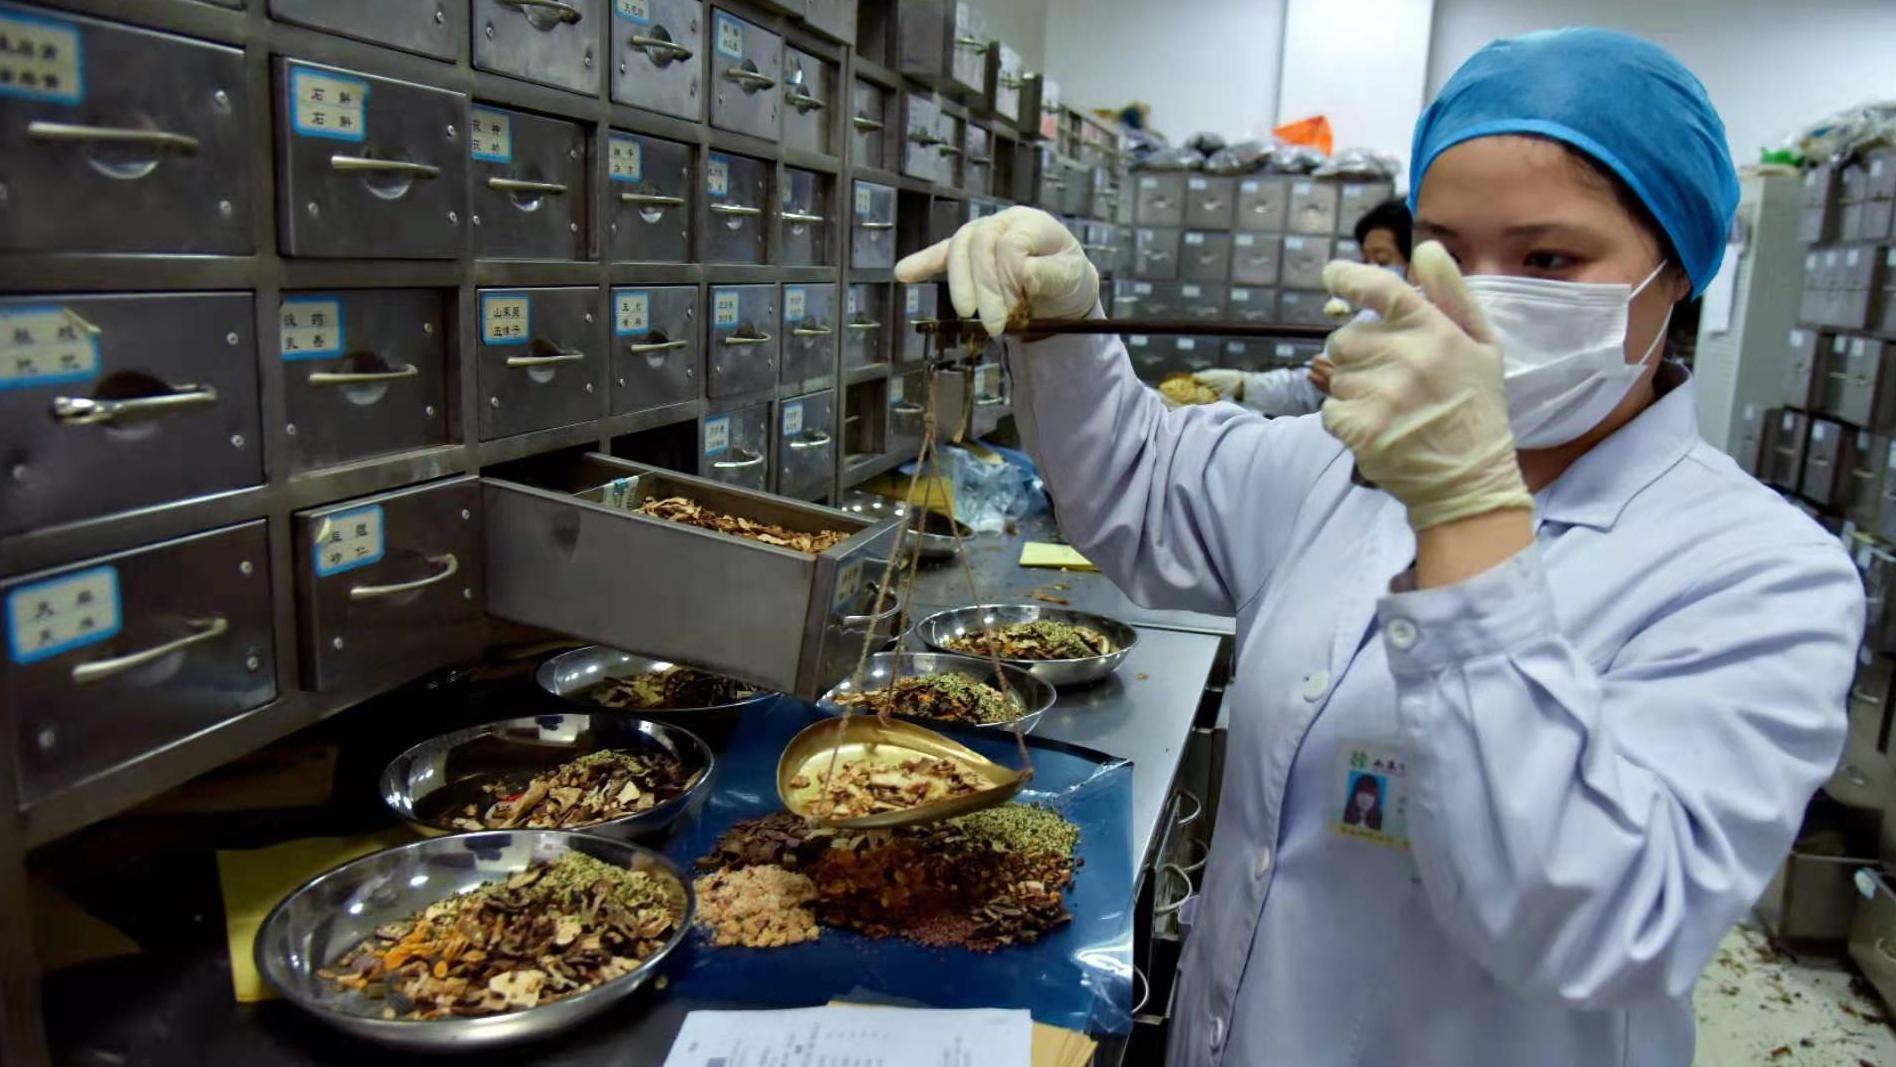 △中药师正在按方配制中药(图片泉源:人民视觉)